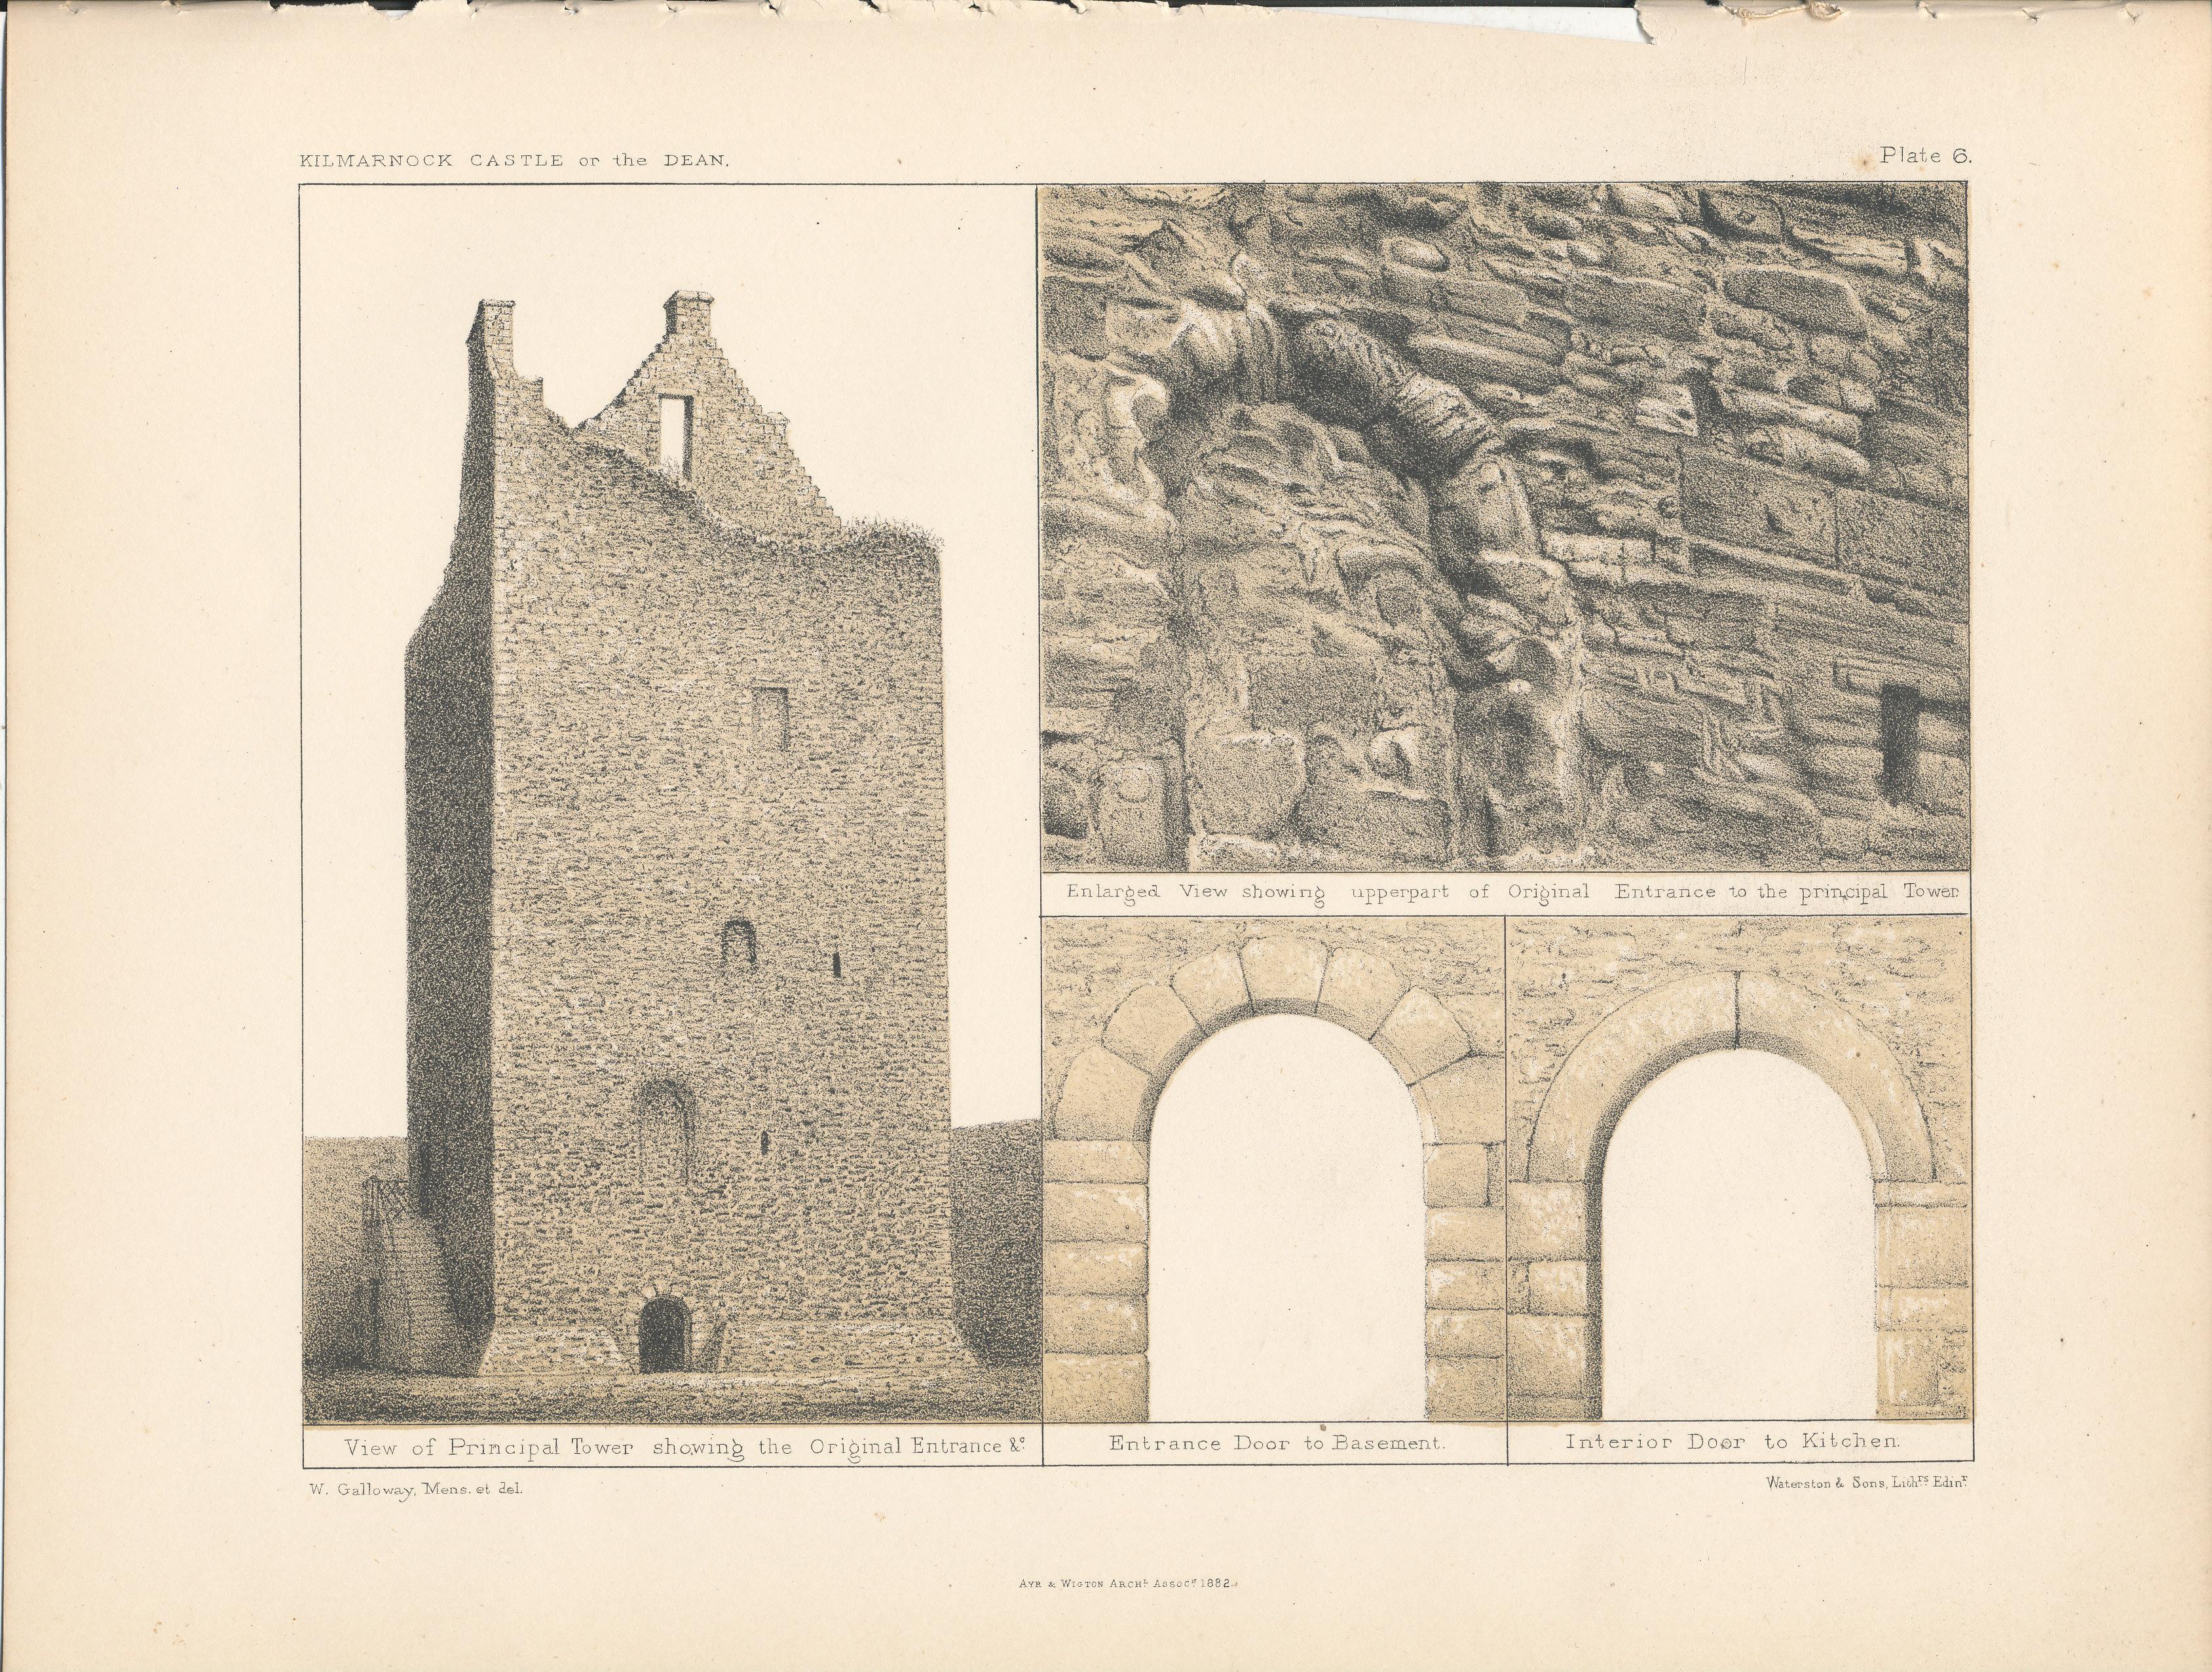 DeanCastle.15.AC3.1882.tower&details